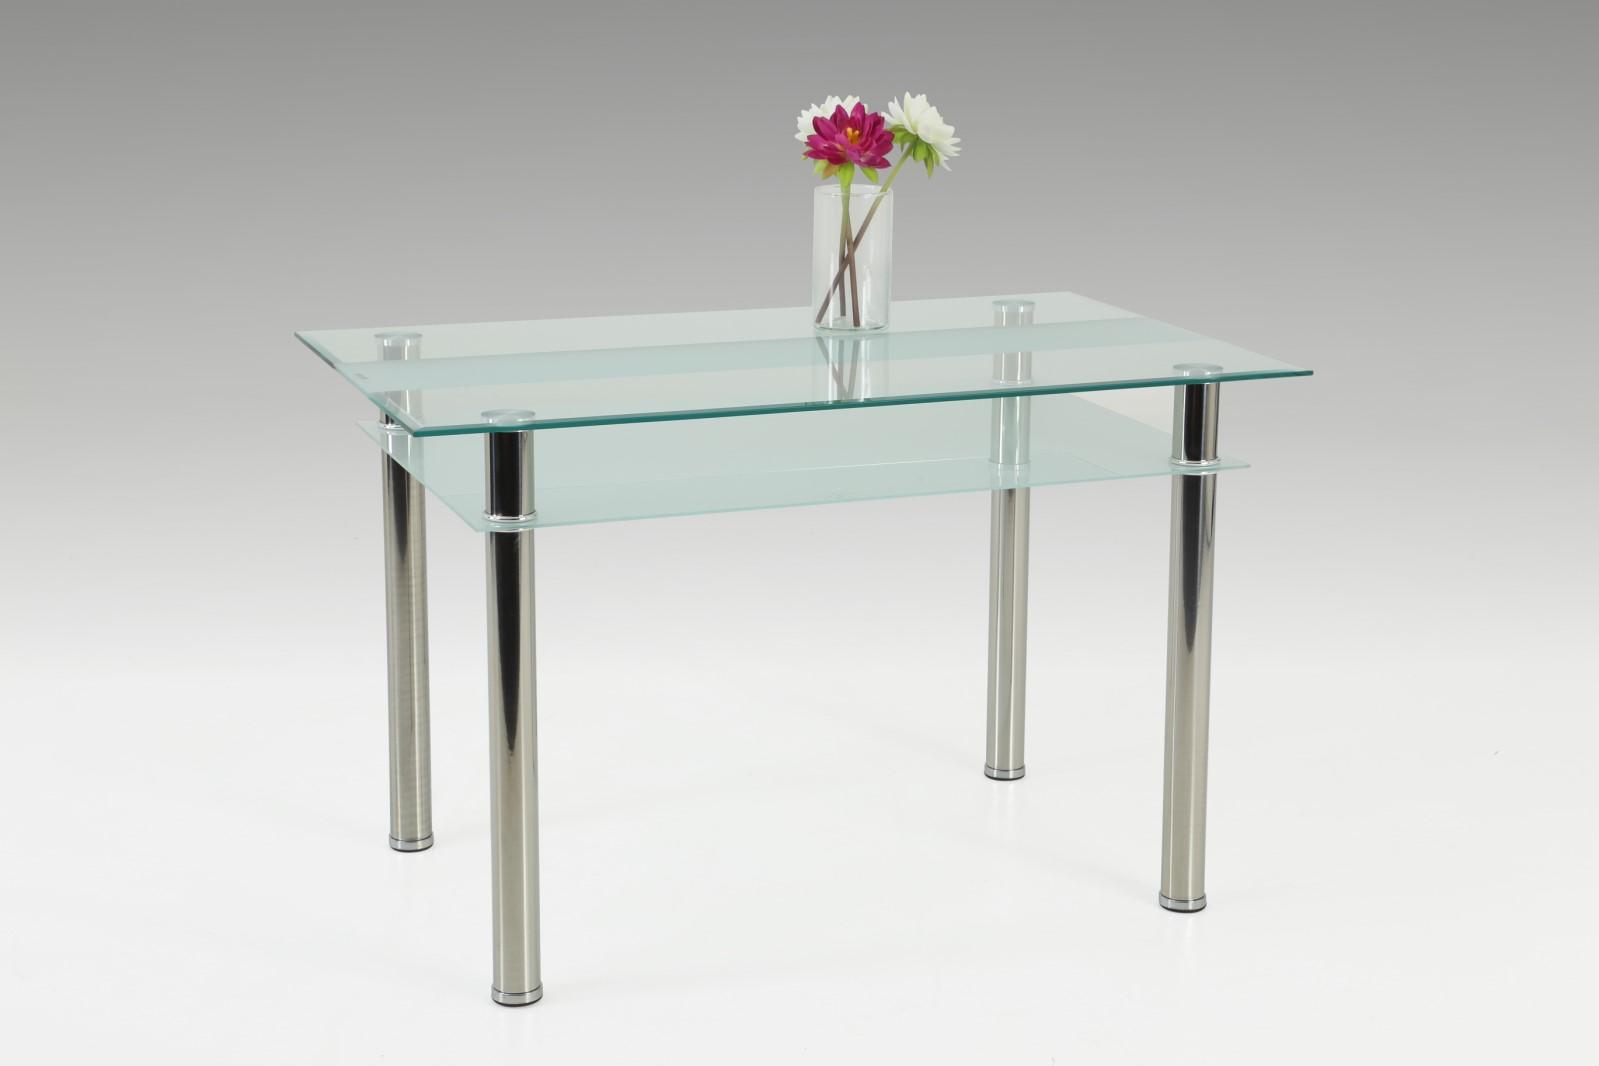 Esstisch Tisch - Sorbon 2 -  Vierfußtisch  120 x 70 cm  Klarglas / Chrom